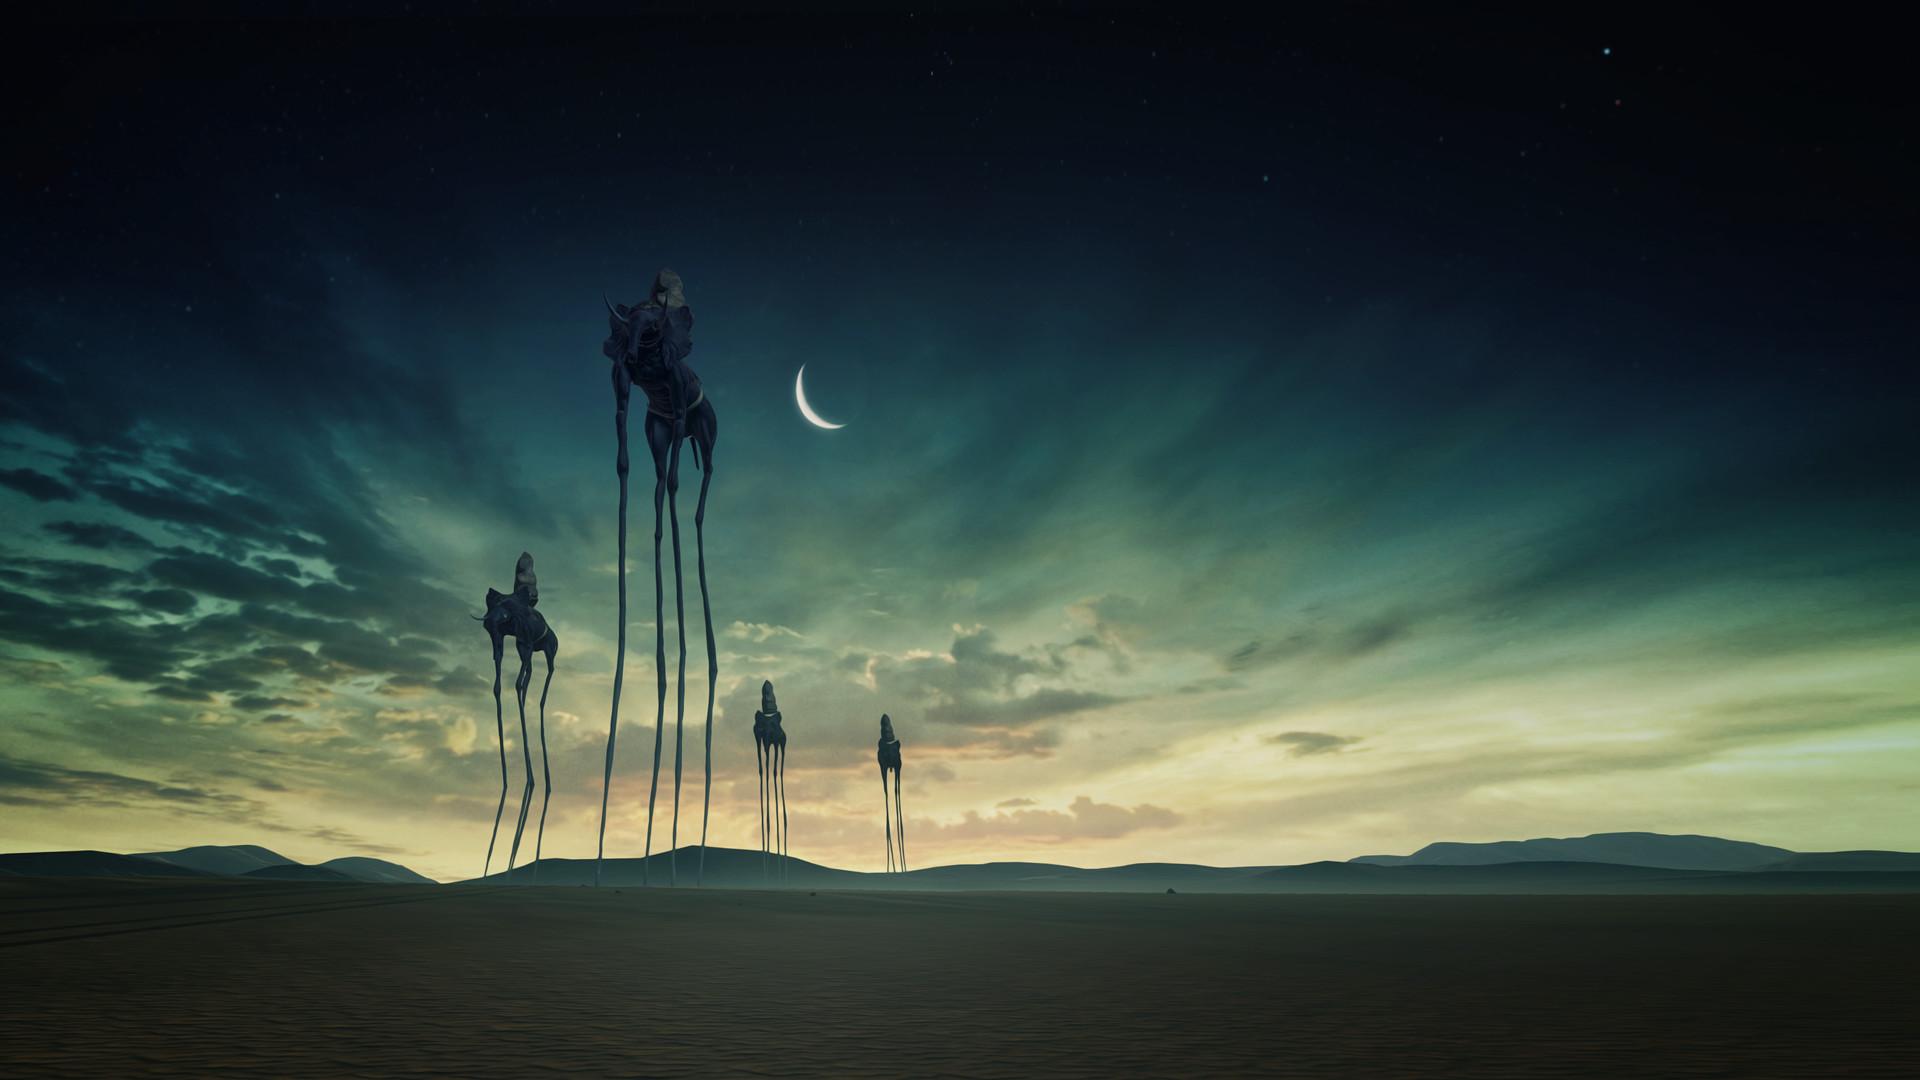 Dreams-of-Dali-Steam-Oculus-Rift-HTC-Vive